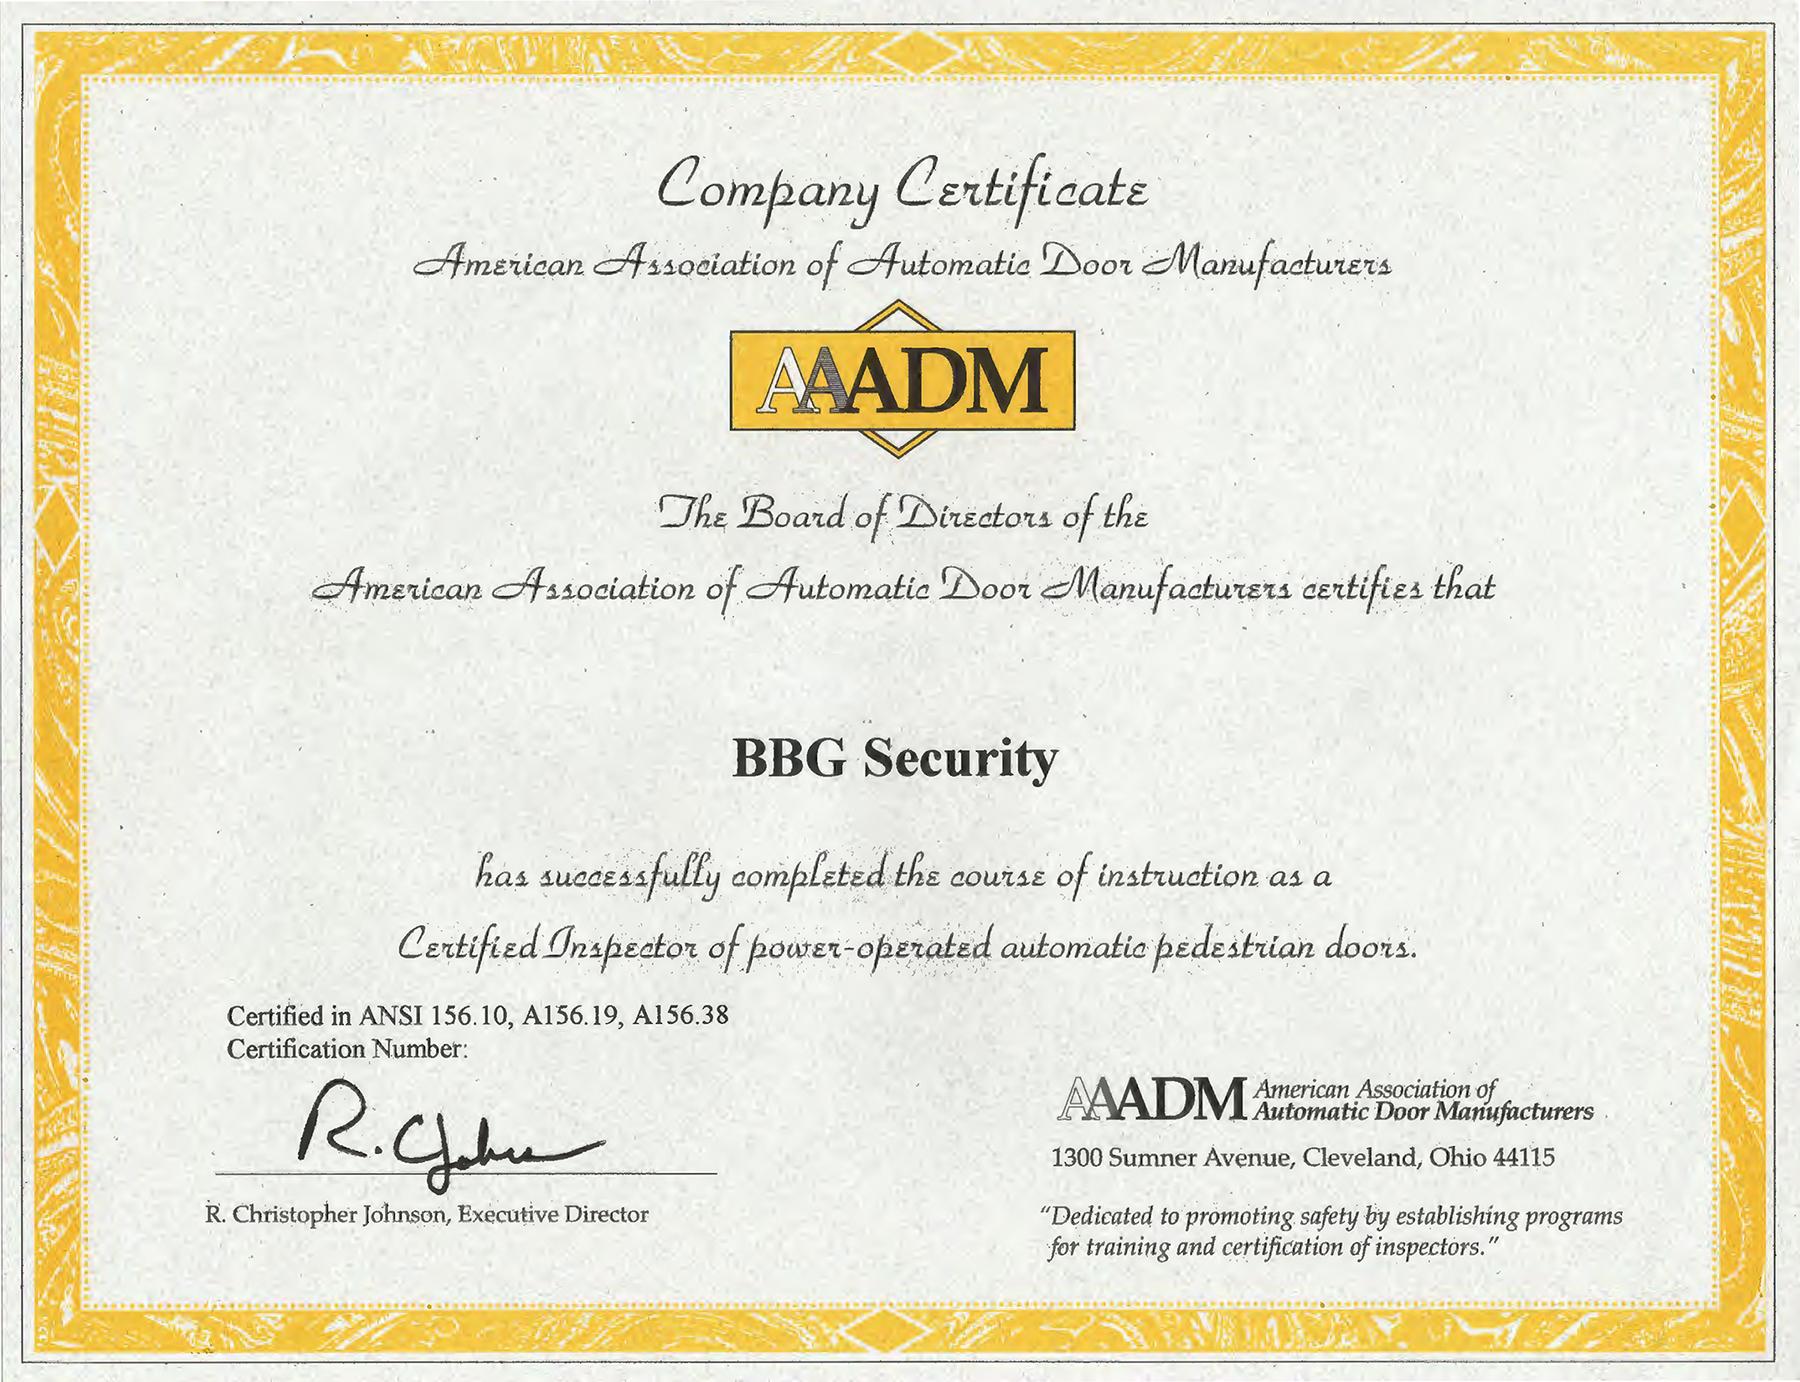 AAADM cert full - BBG